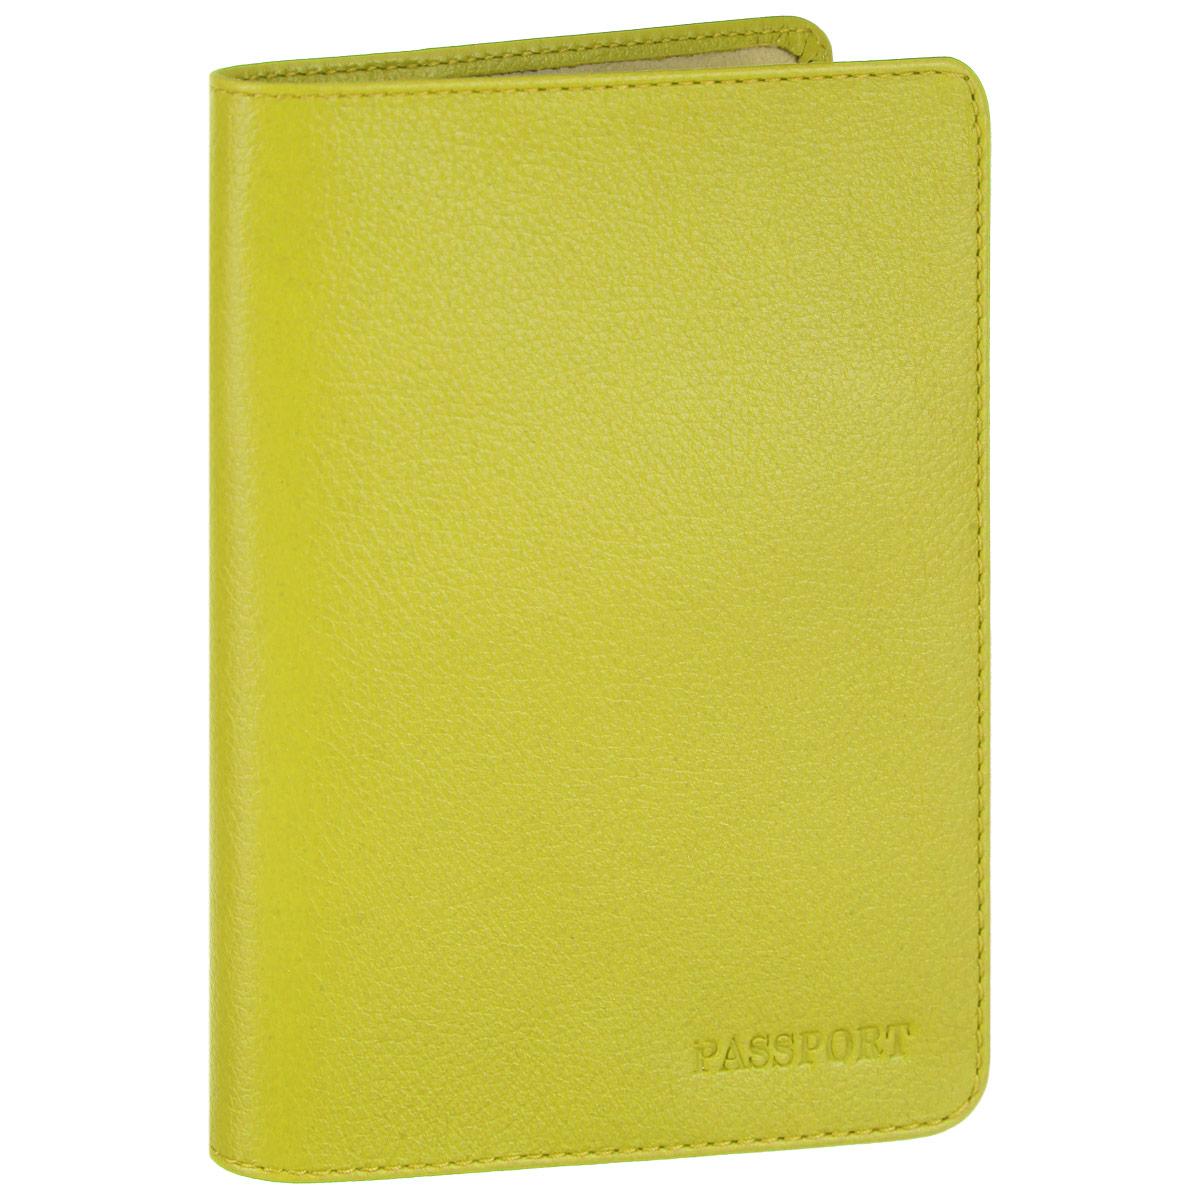 Обложка для паспорта Fabula, цвет: лимонный. O.53.FPO.53.FP. салатовыйСтильная обложка для паспорта Fabula выполнена из натуральной кожи с зернистой текстурой, оформлена надписью Passport. Обложка для паспорта раскладывается пополам, внутри расположены два пластиковых кармашка. Такая обложка для паспорта станет прекрасным и стильным подарком человеку, любящему оригинальные и практичные вещи.